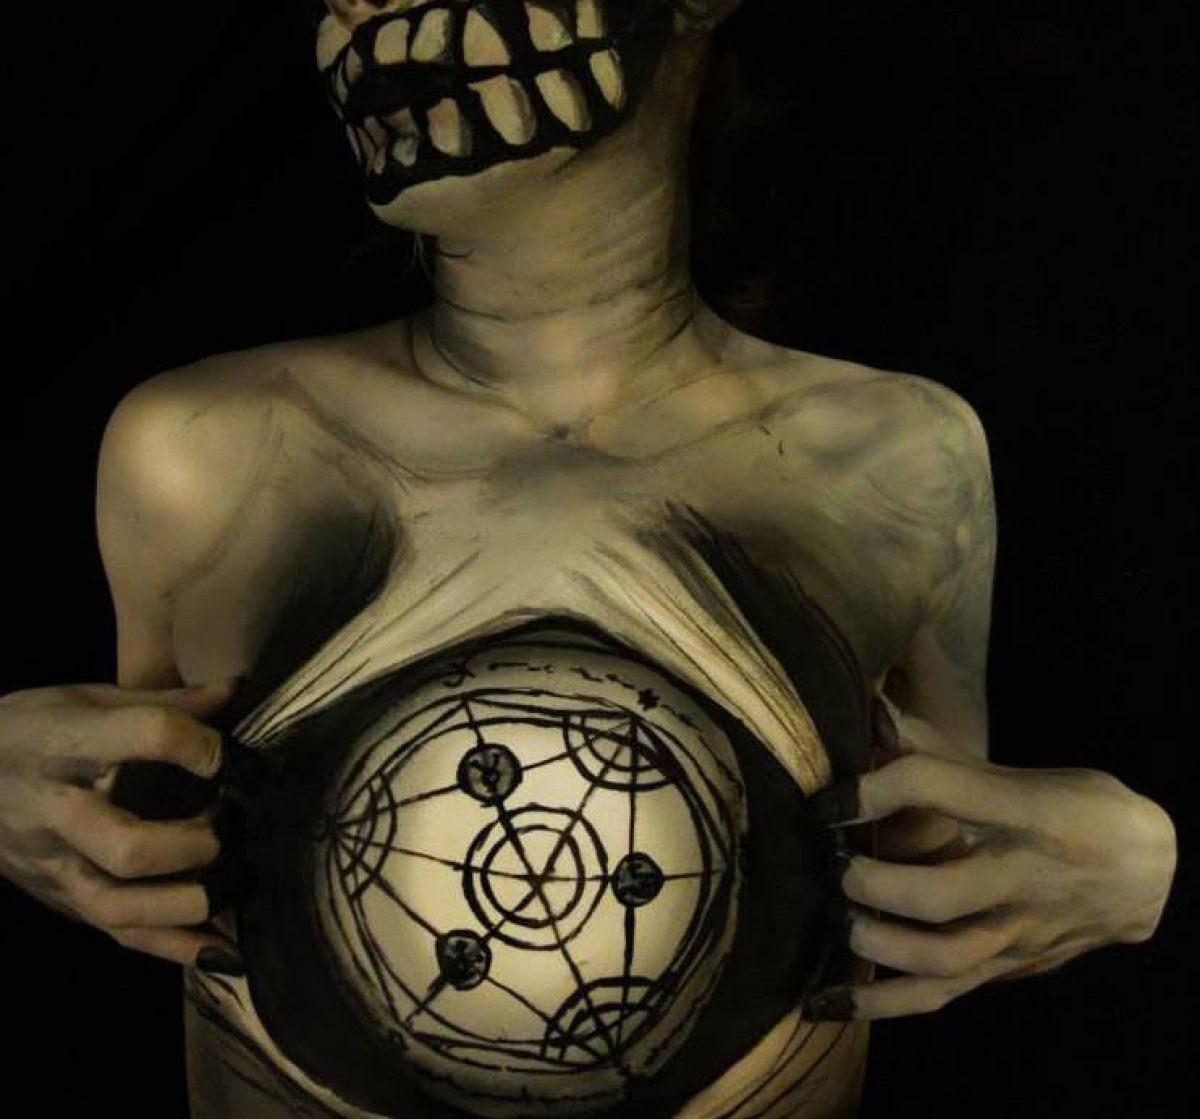 Artista transforma corpos humanos em incompreensíveis ilusões de óptica 05